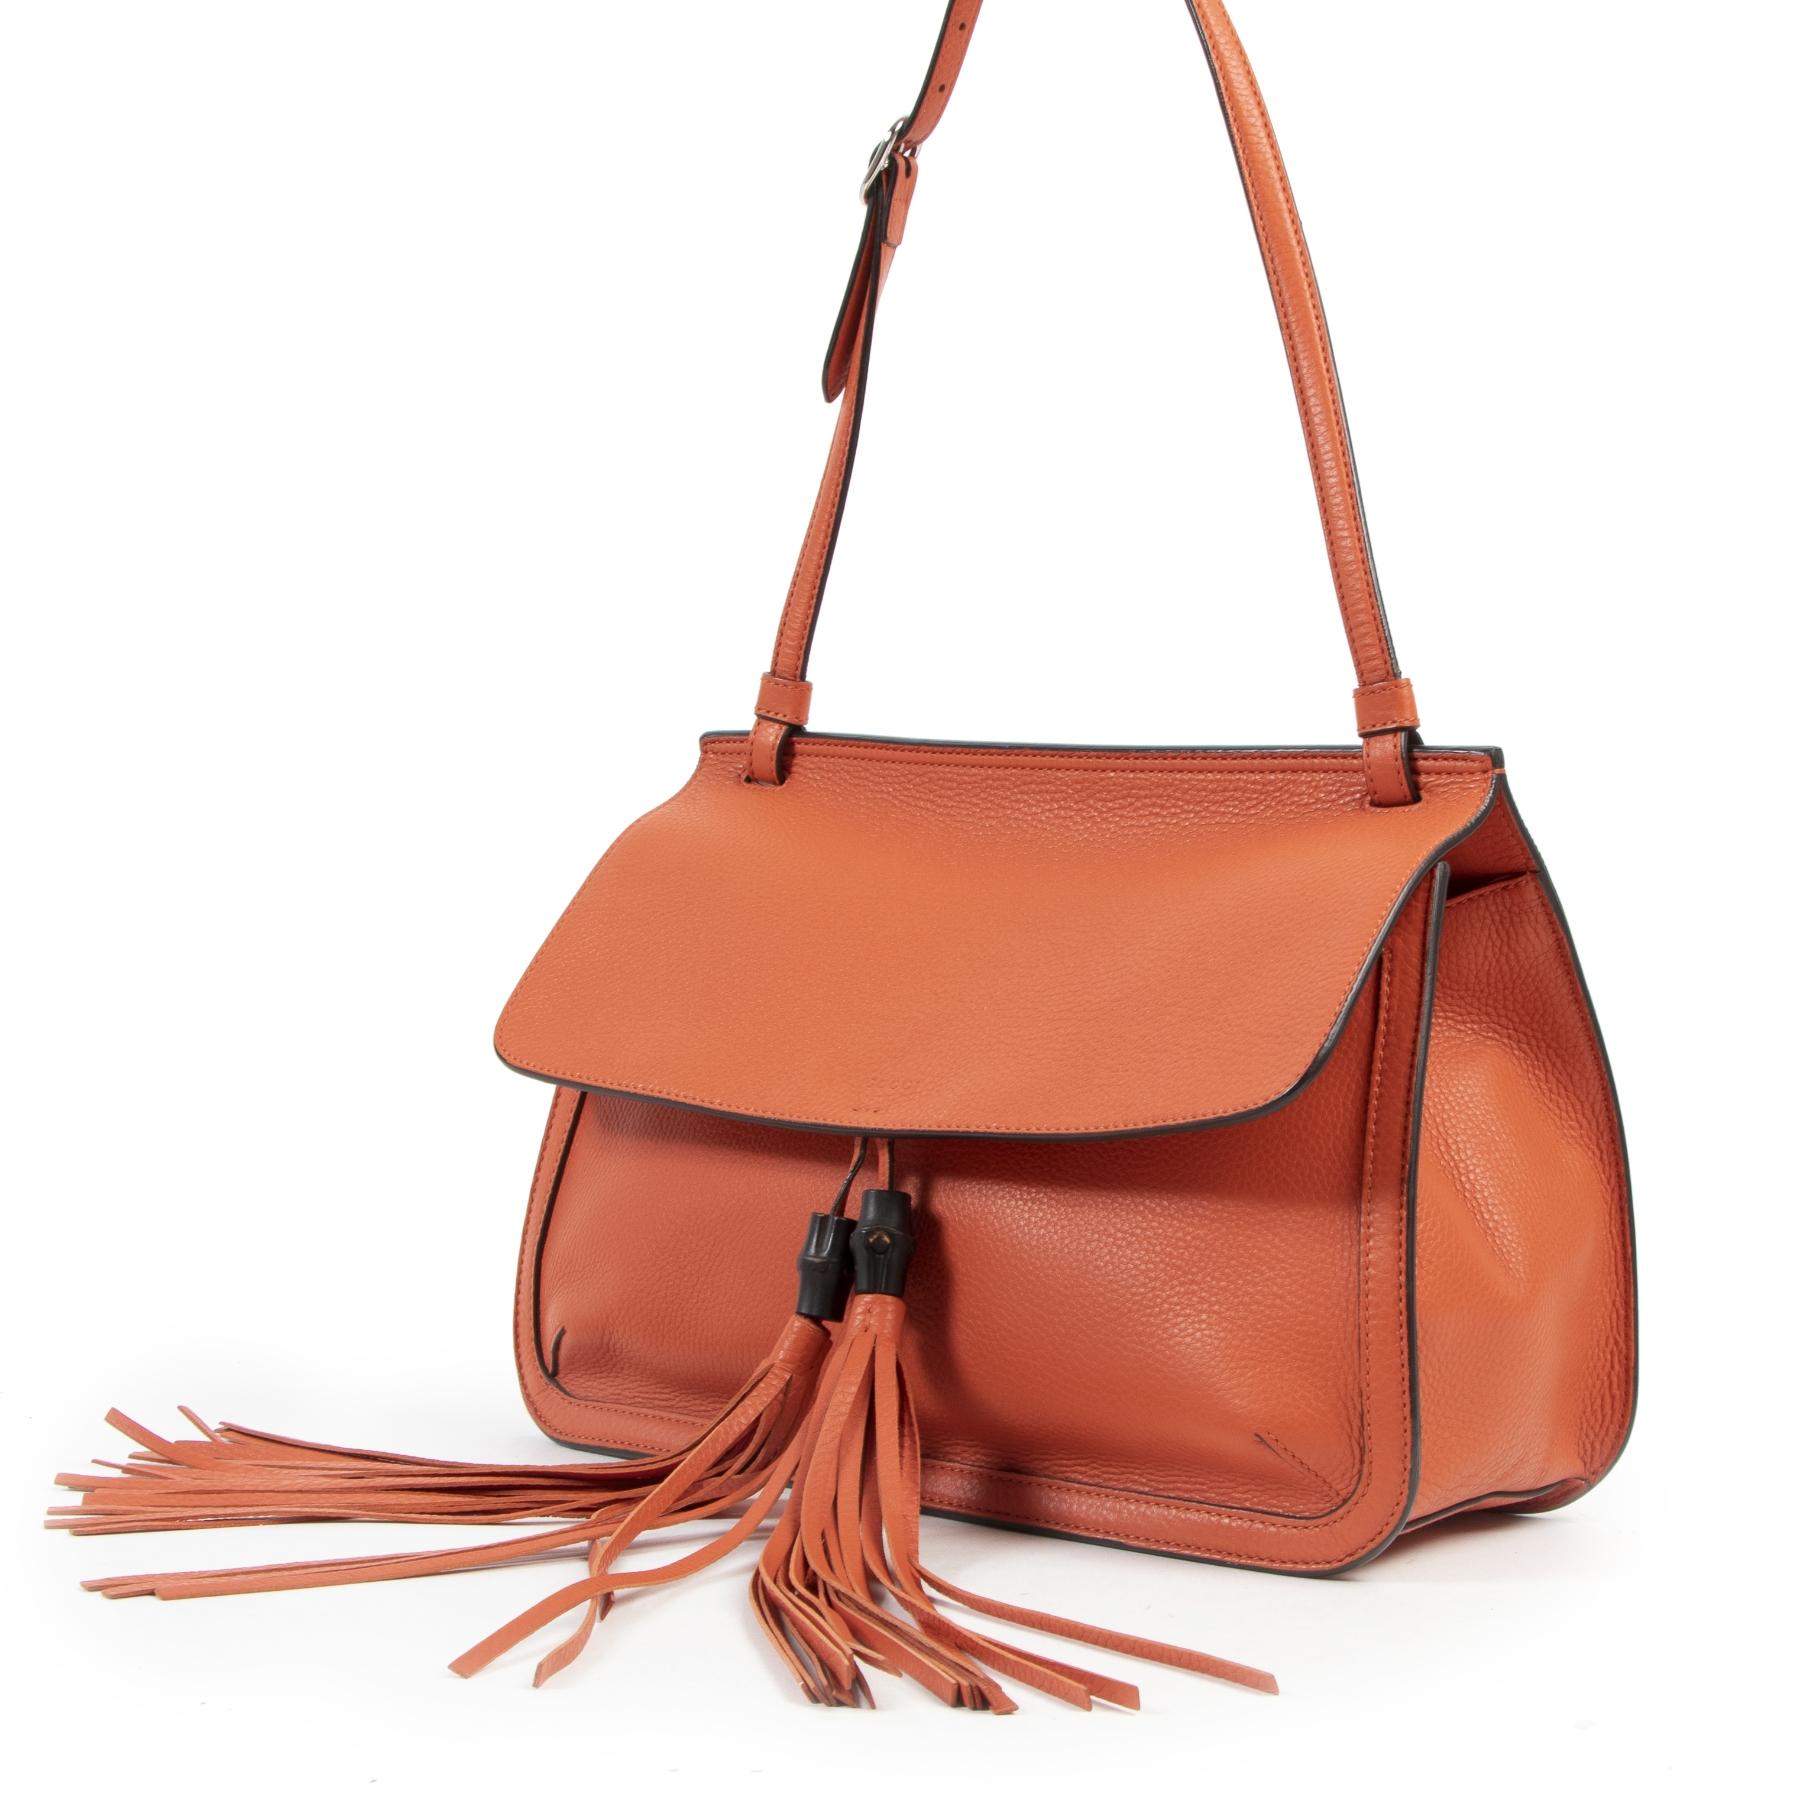 Koop tweedehands Gucci handtassen bij LabelLOV Antwerpen